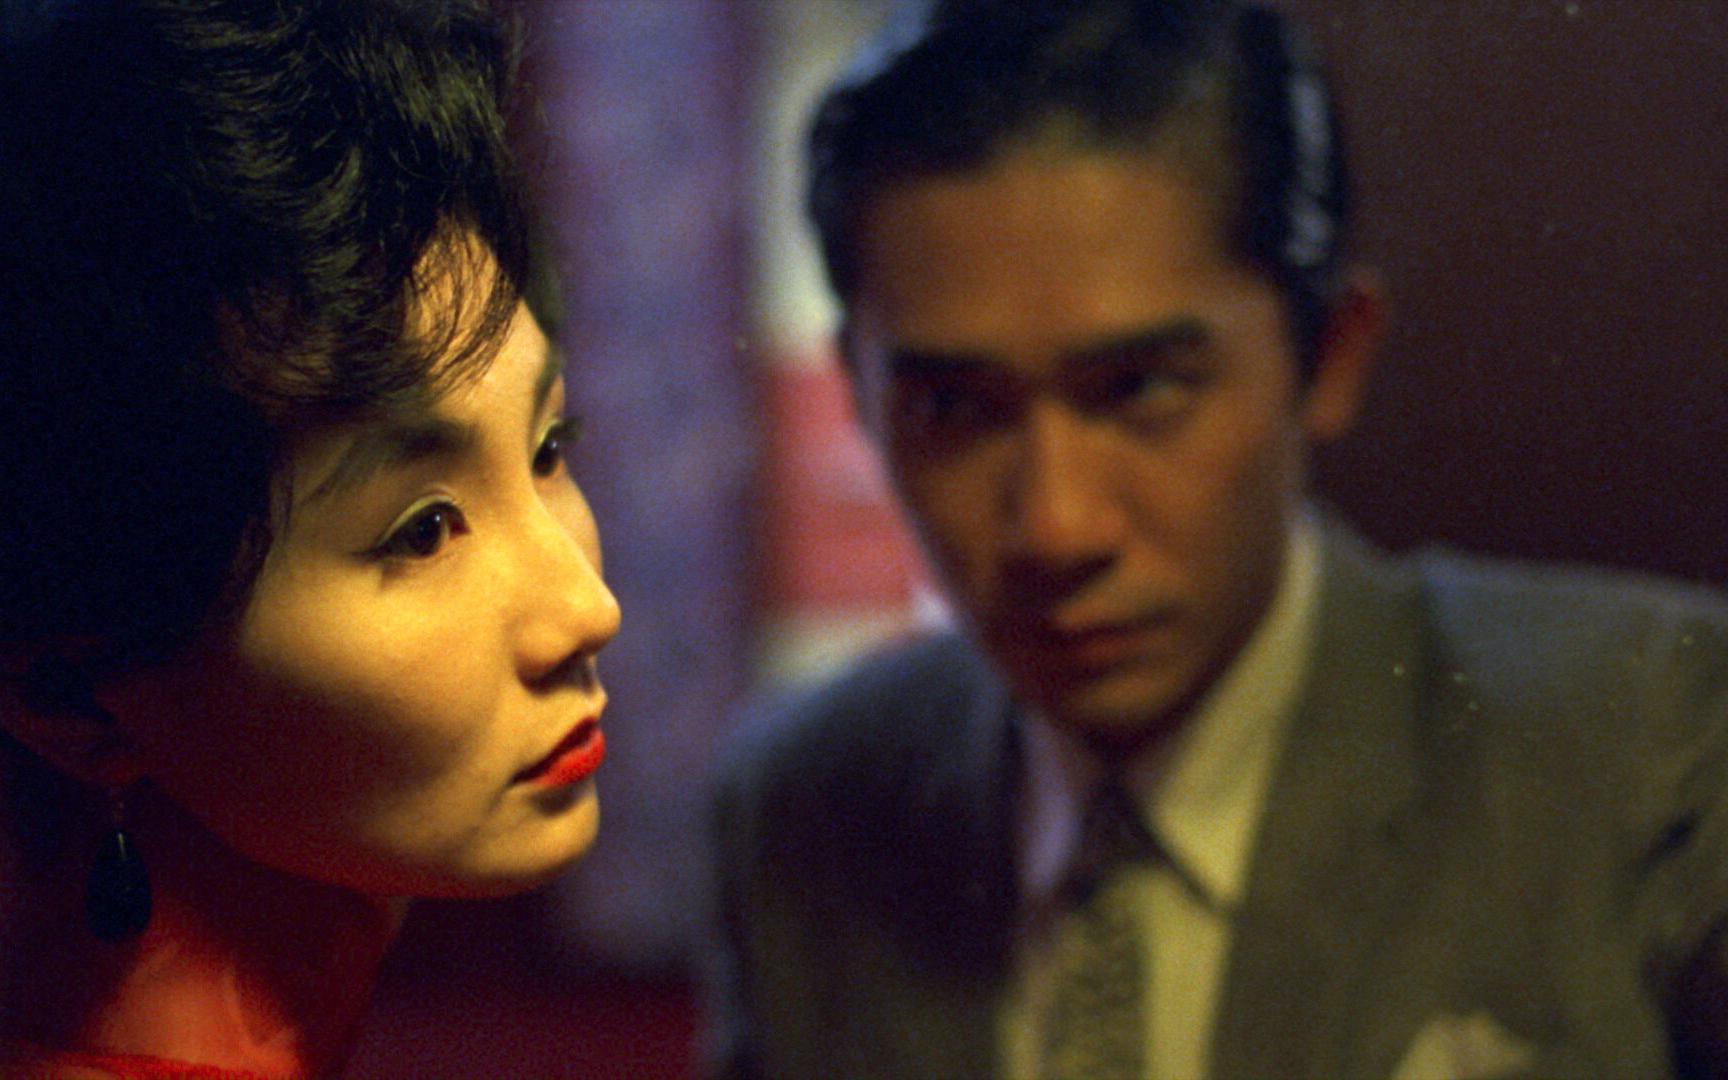 Lương Triều Vỹ và Trương Mạn Ngọc trong Tâm trạng khi yêu. Ảnh: The Criterion Collection